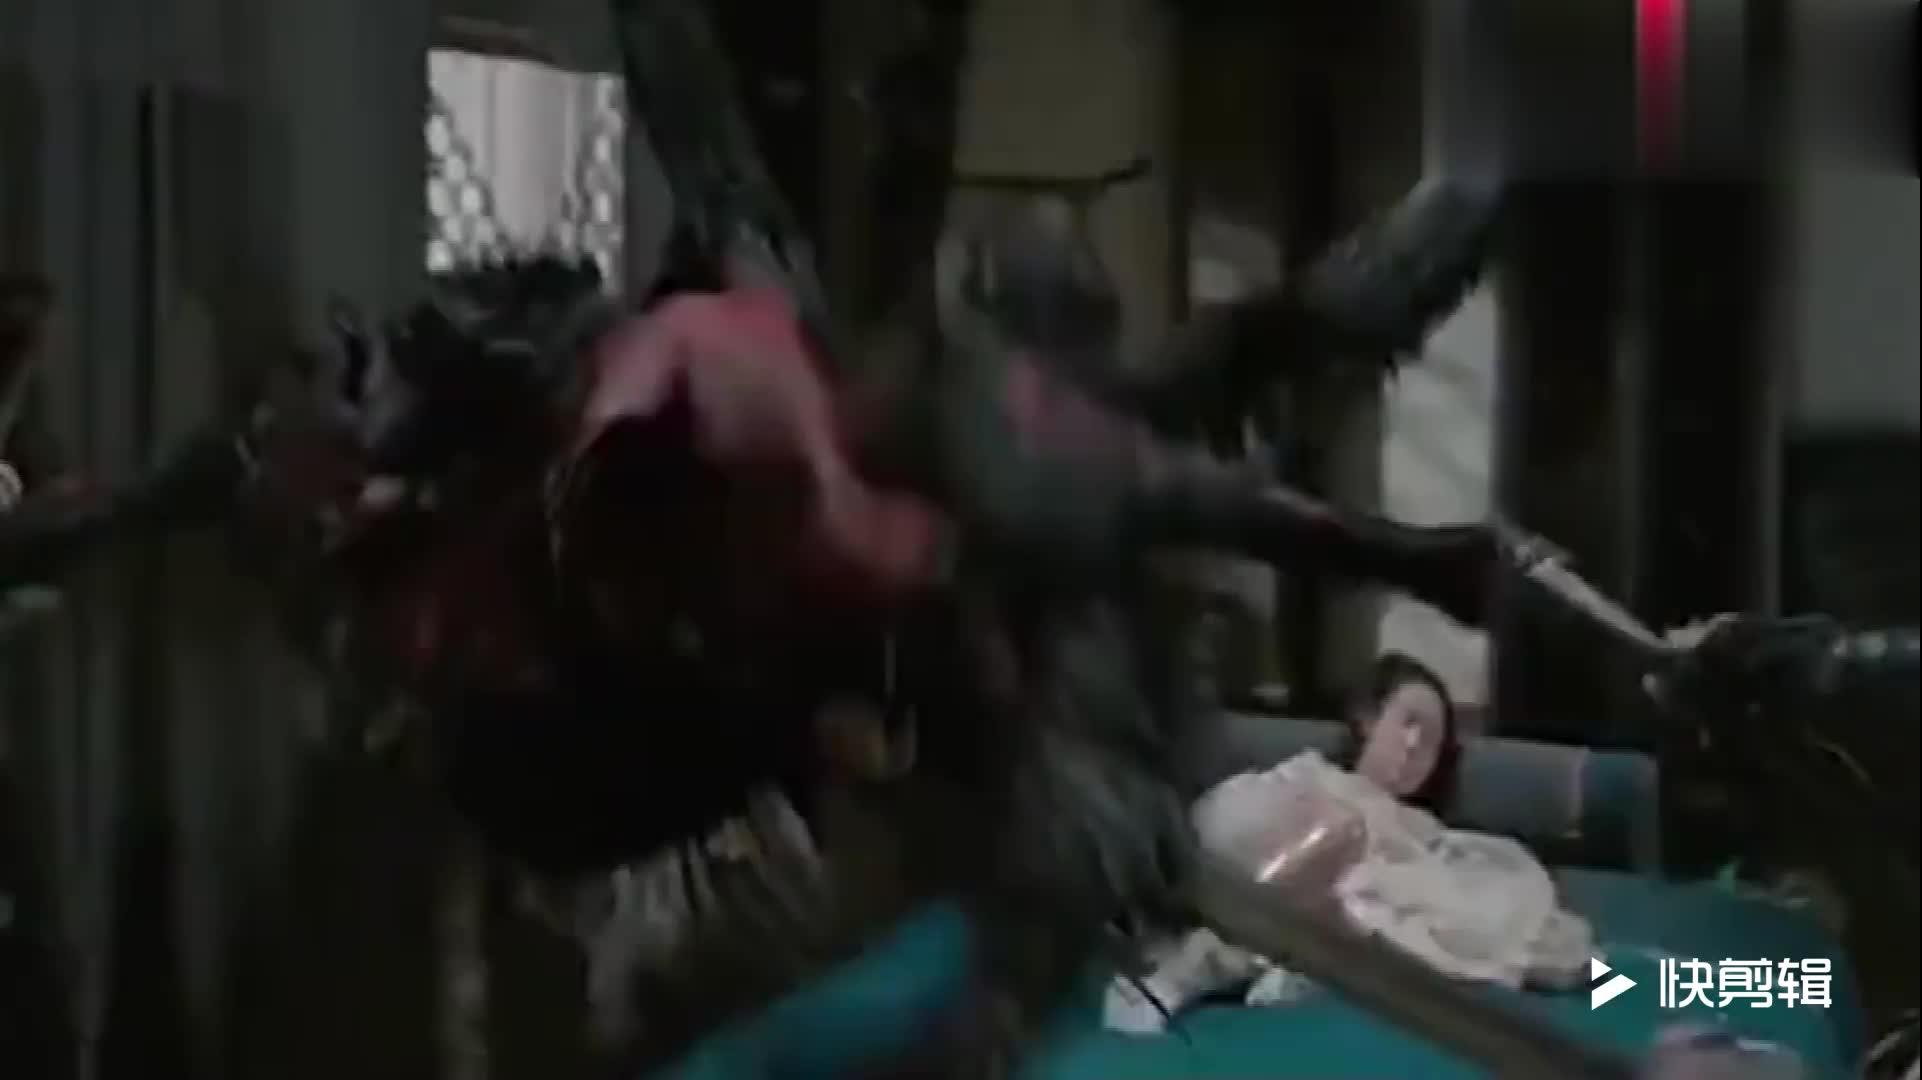 #肚子里砖出怪物#四个壮汉摁着一个弱女子,不料女子肚子里突然钻出怪物